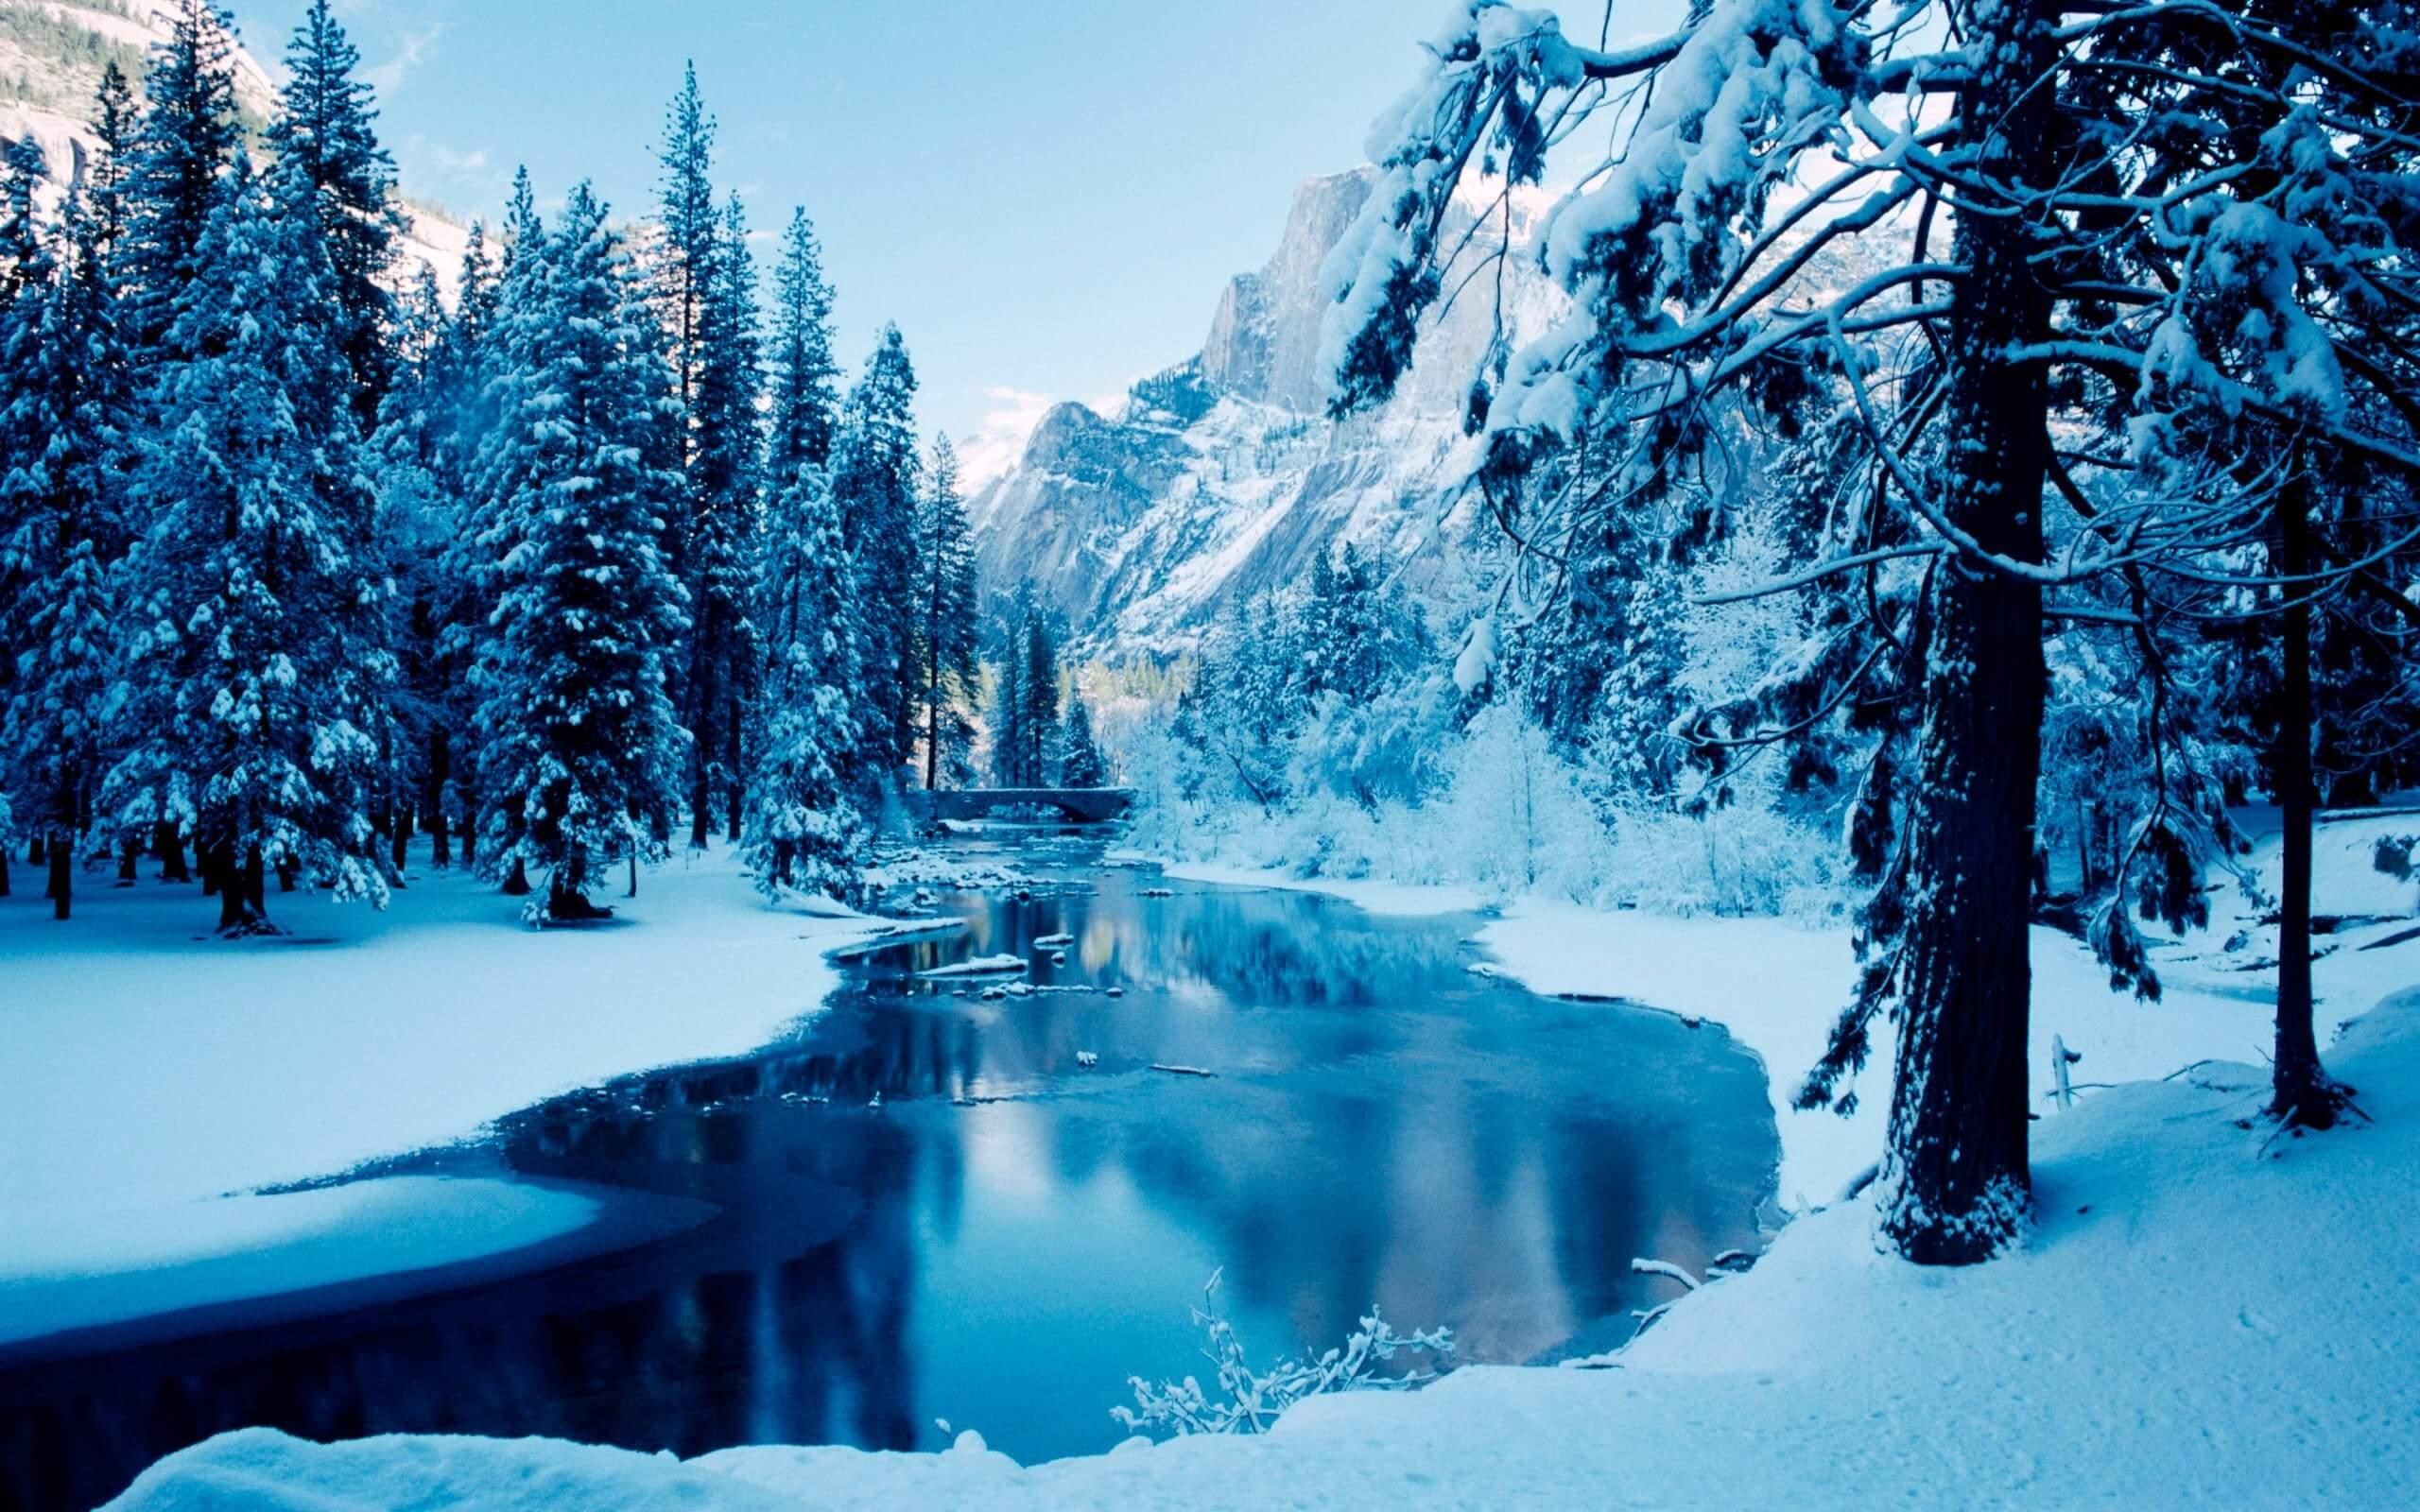 электропоезда пейзаж картинки природа зима что лайтрум